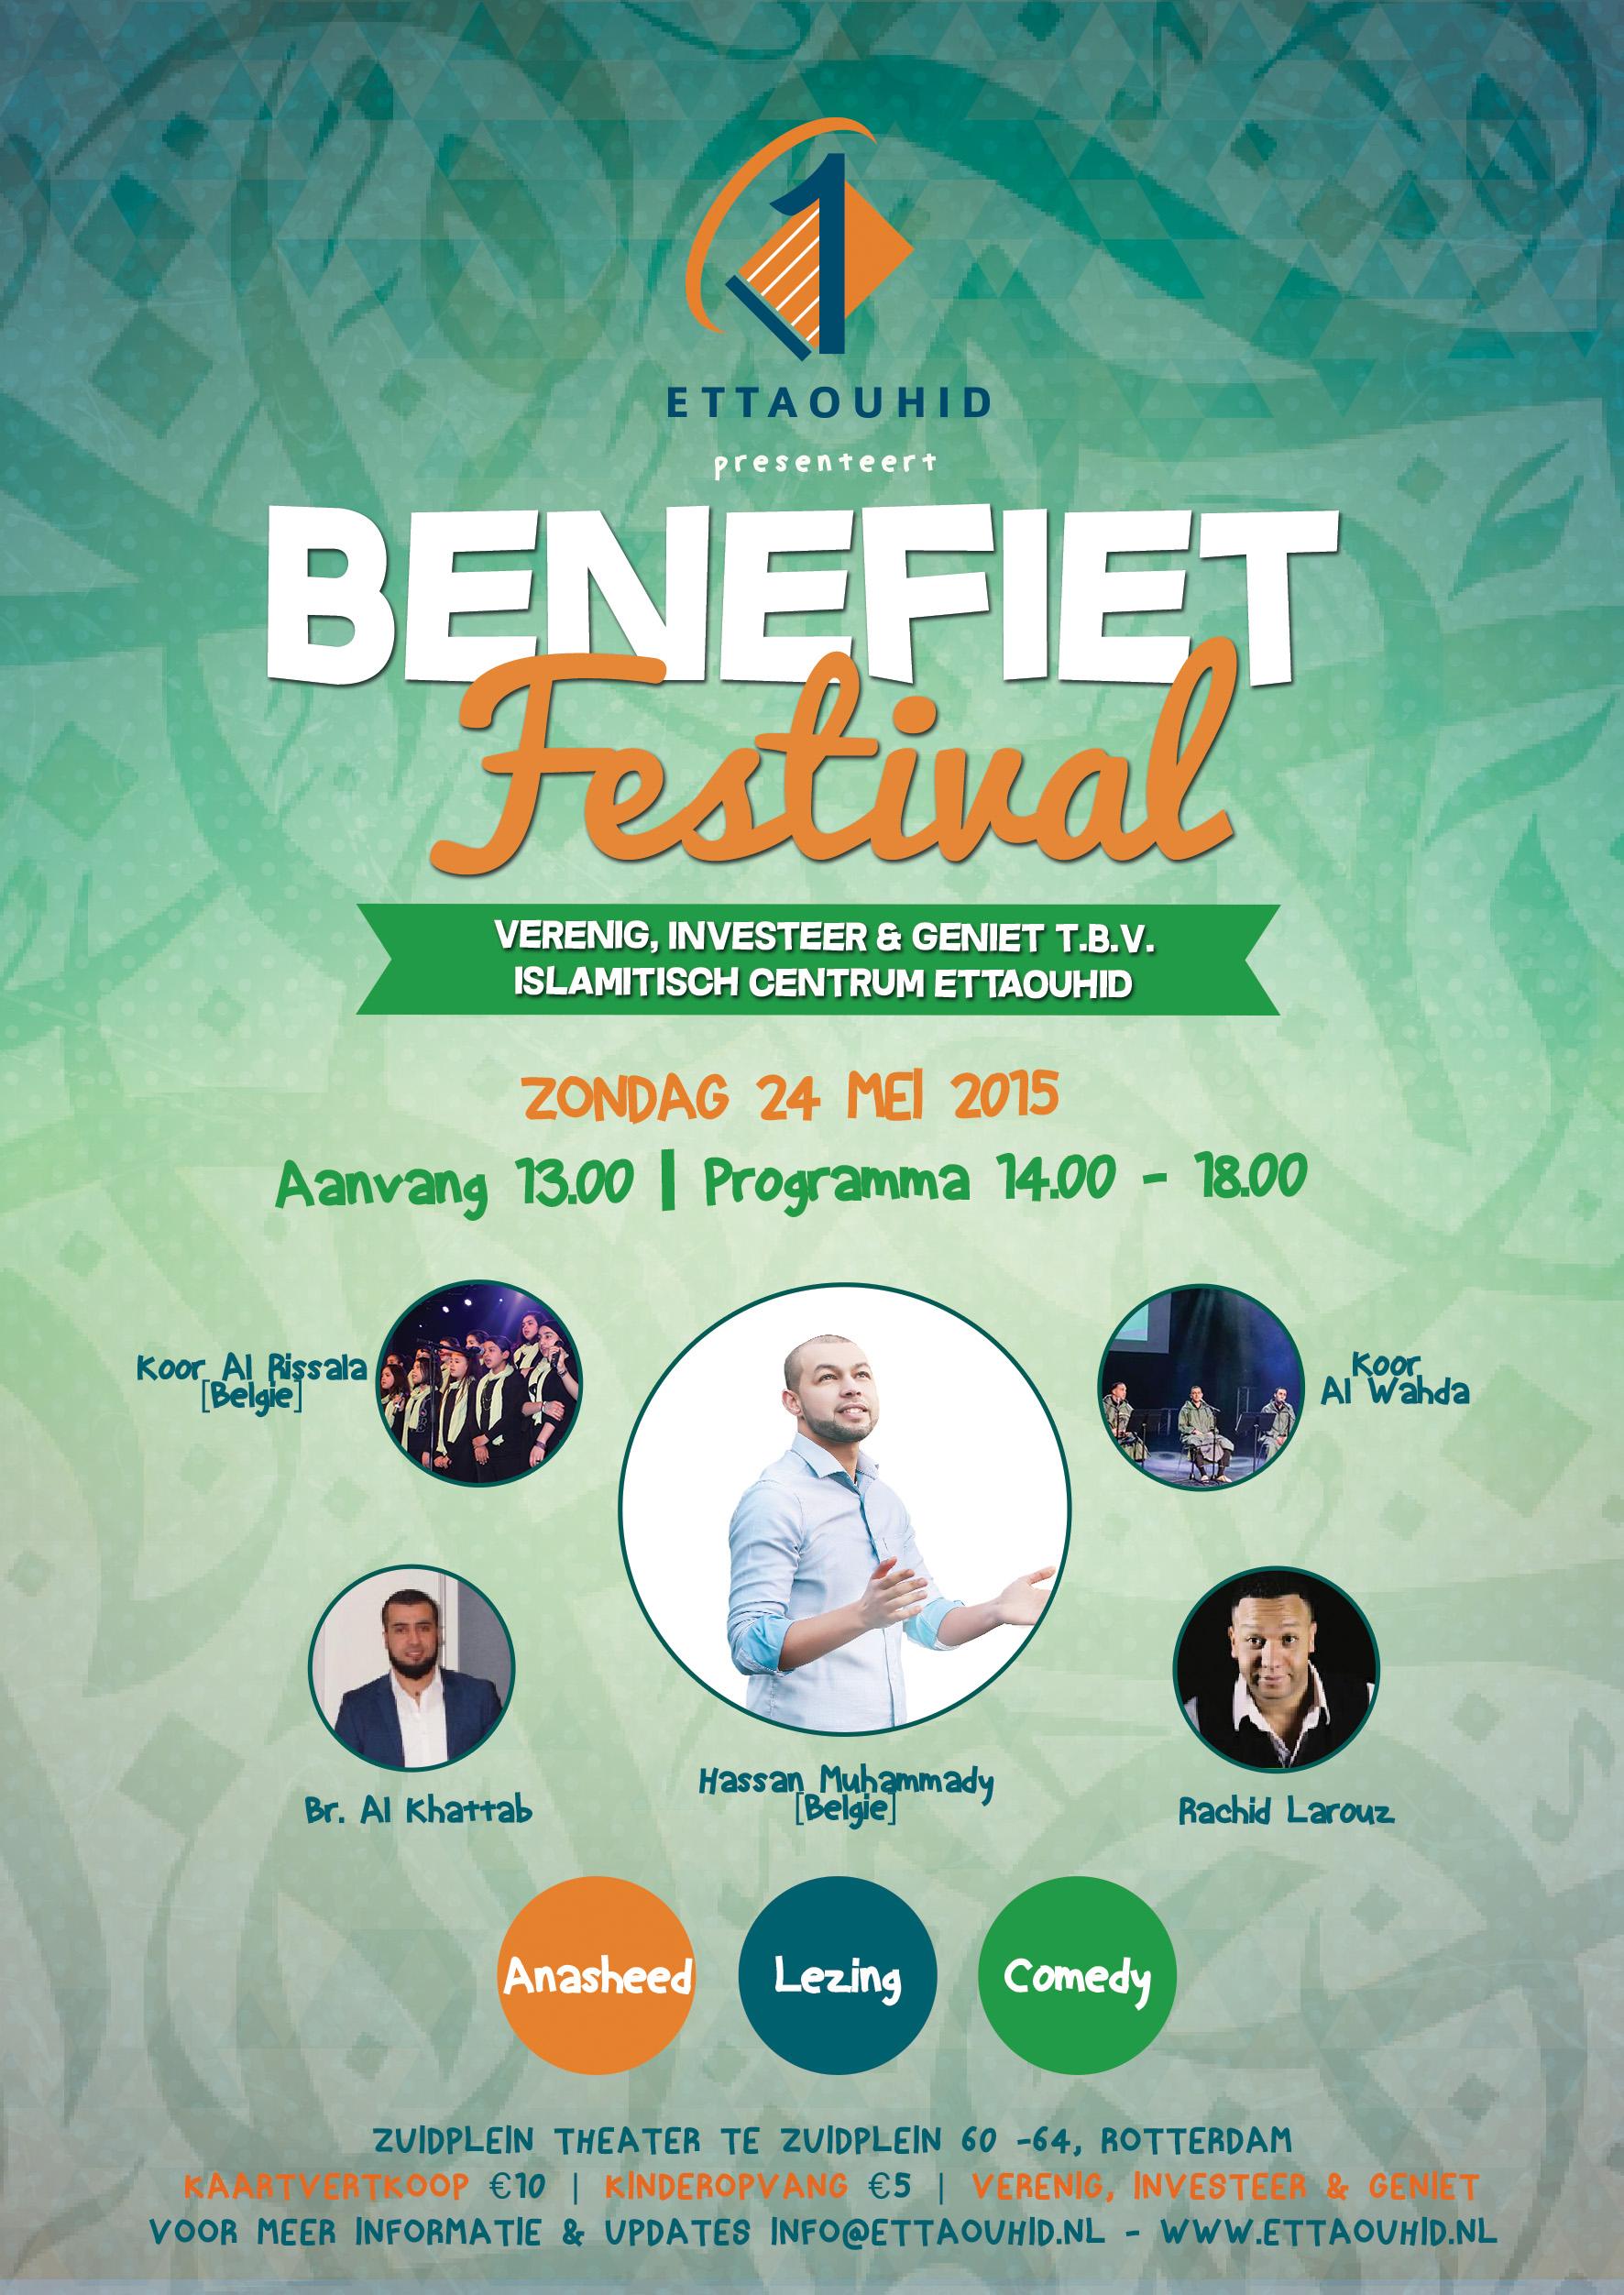 Benefiet_Festival